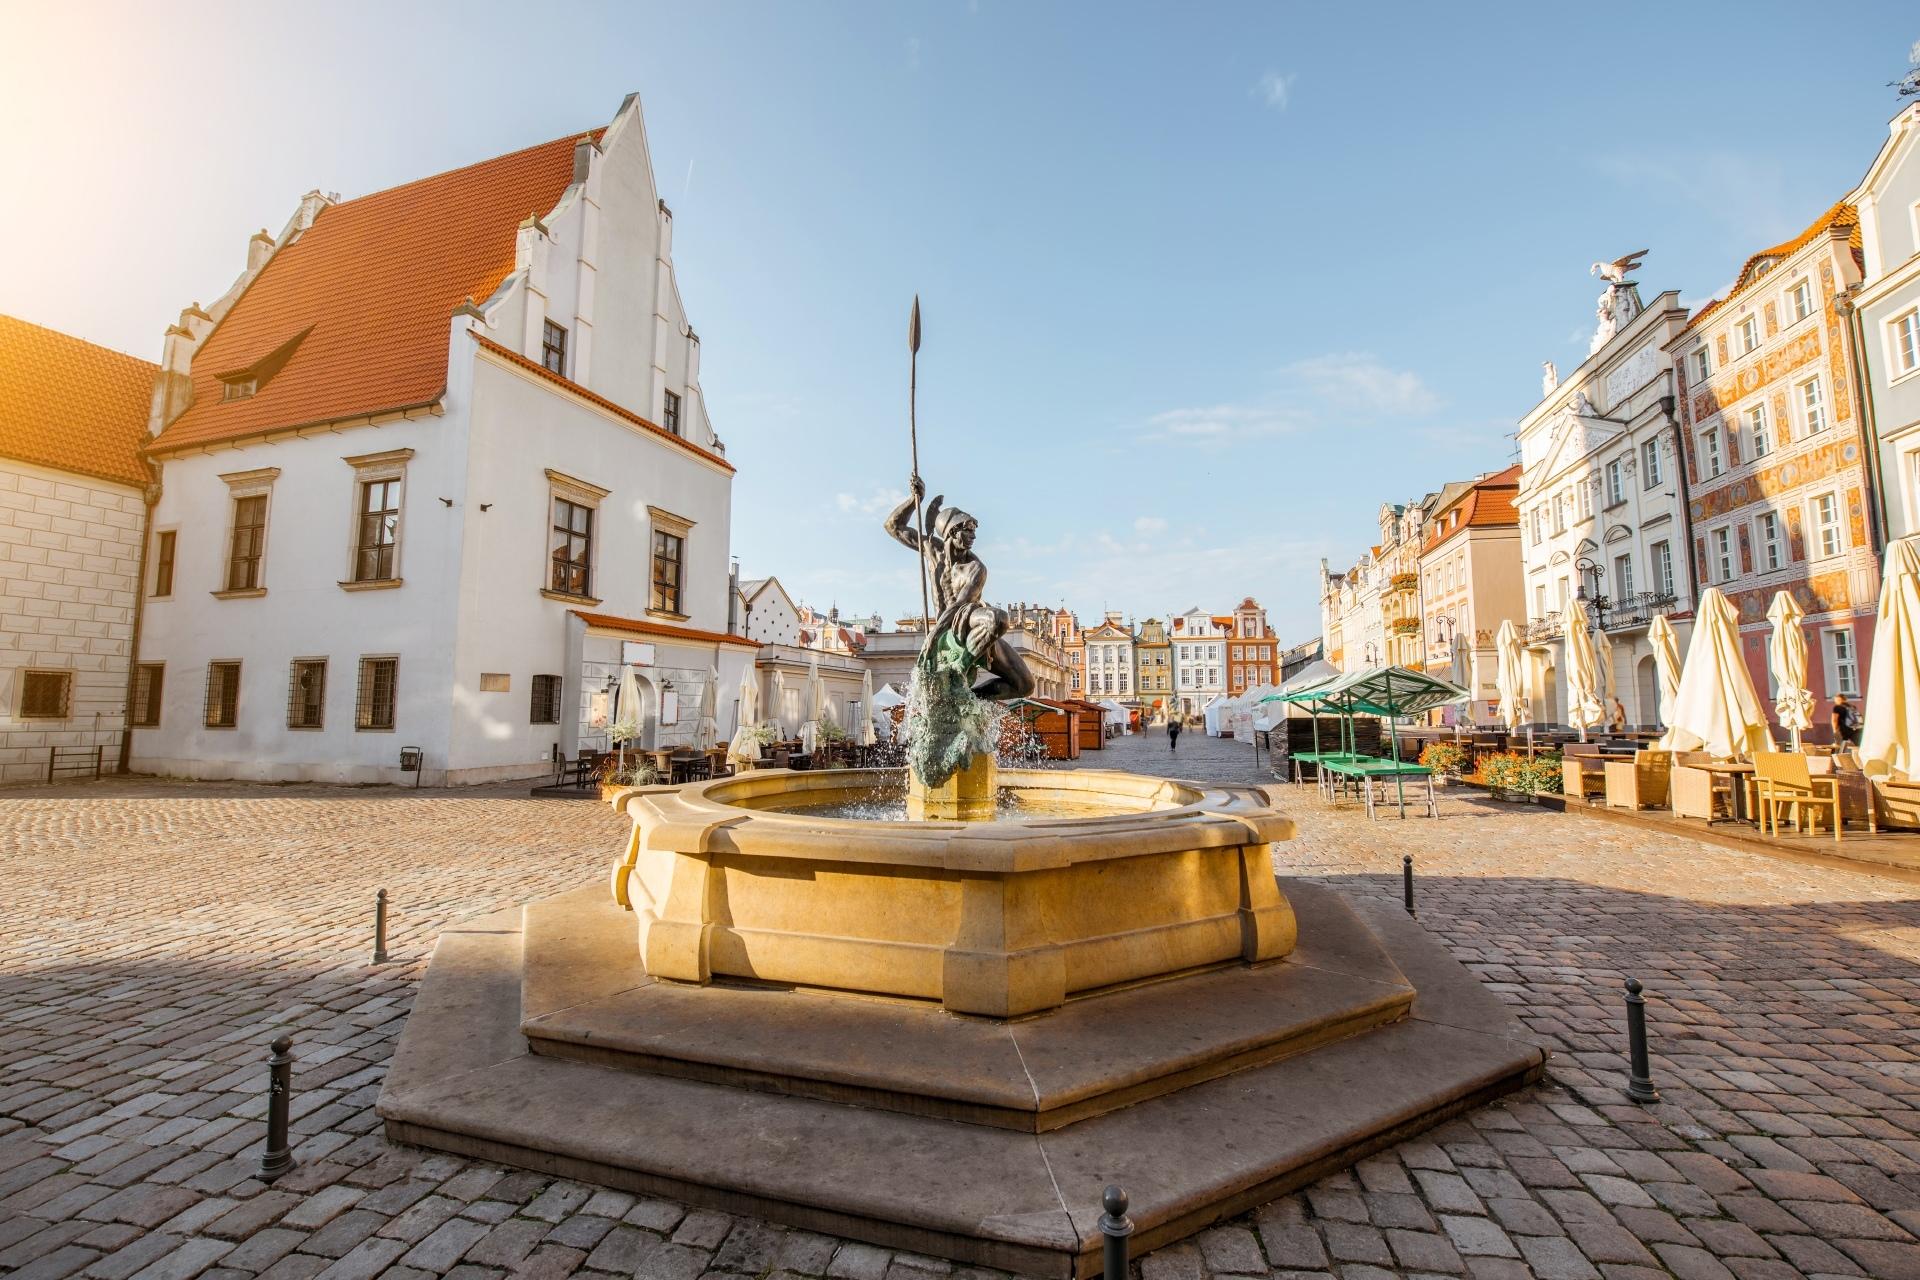 朝のポズナン 朝の旧市街 ポーランドの風景